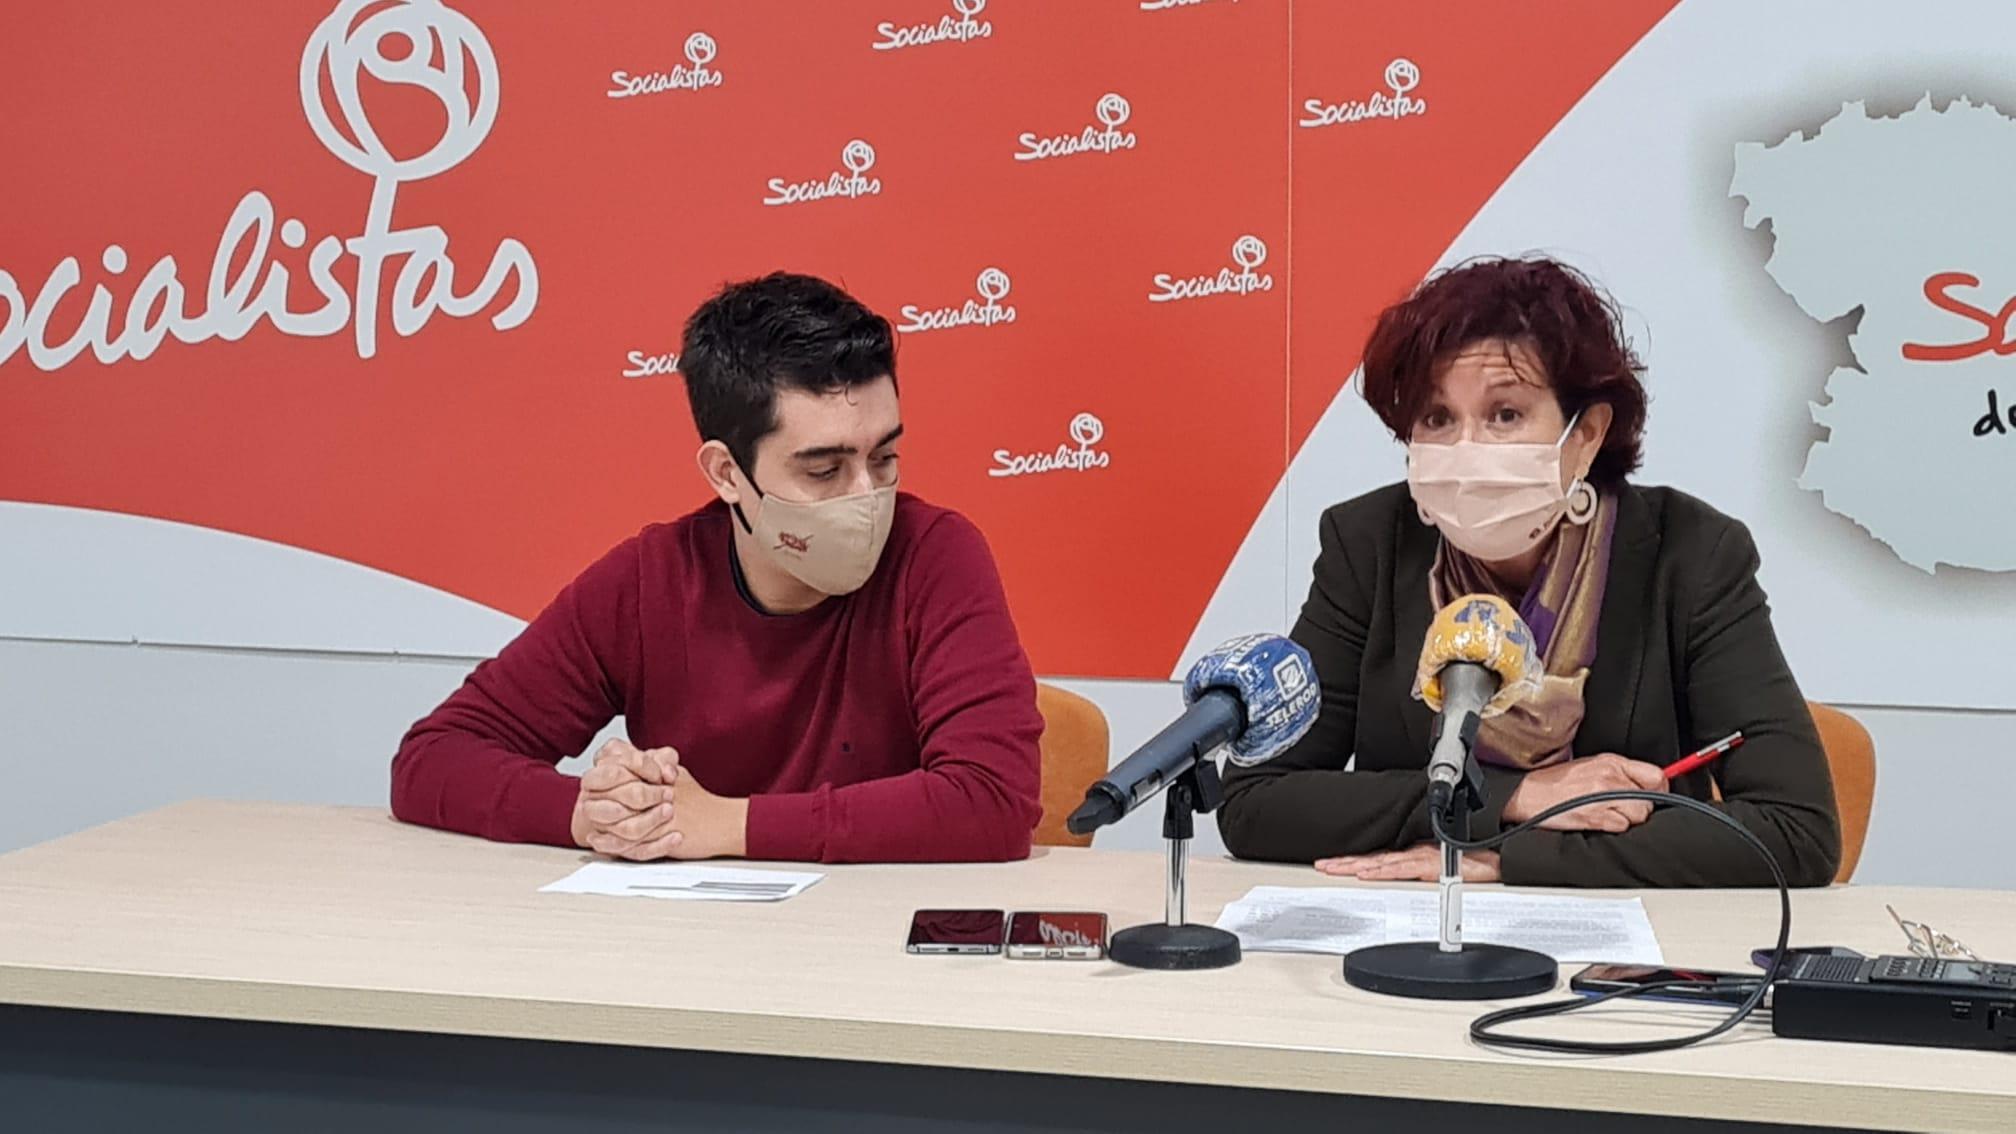 Marisa Sánchez deja claro que el Gobierno regional no va a subir los impuestos y lamenta que el PP de CLM viva instaurado en